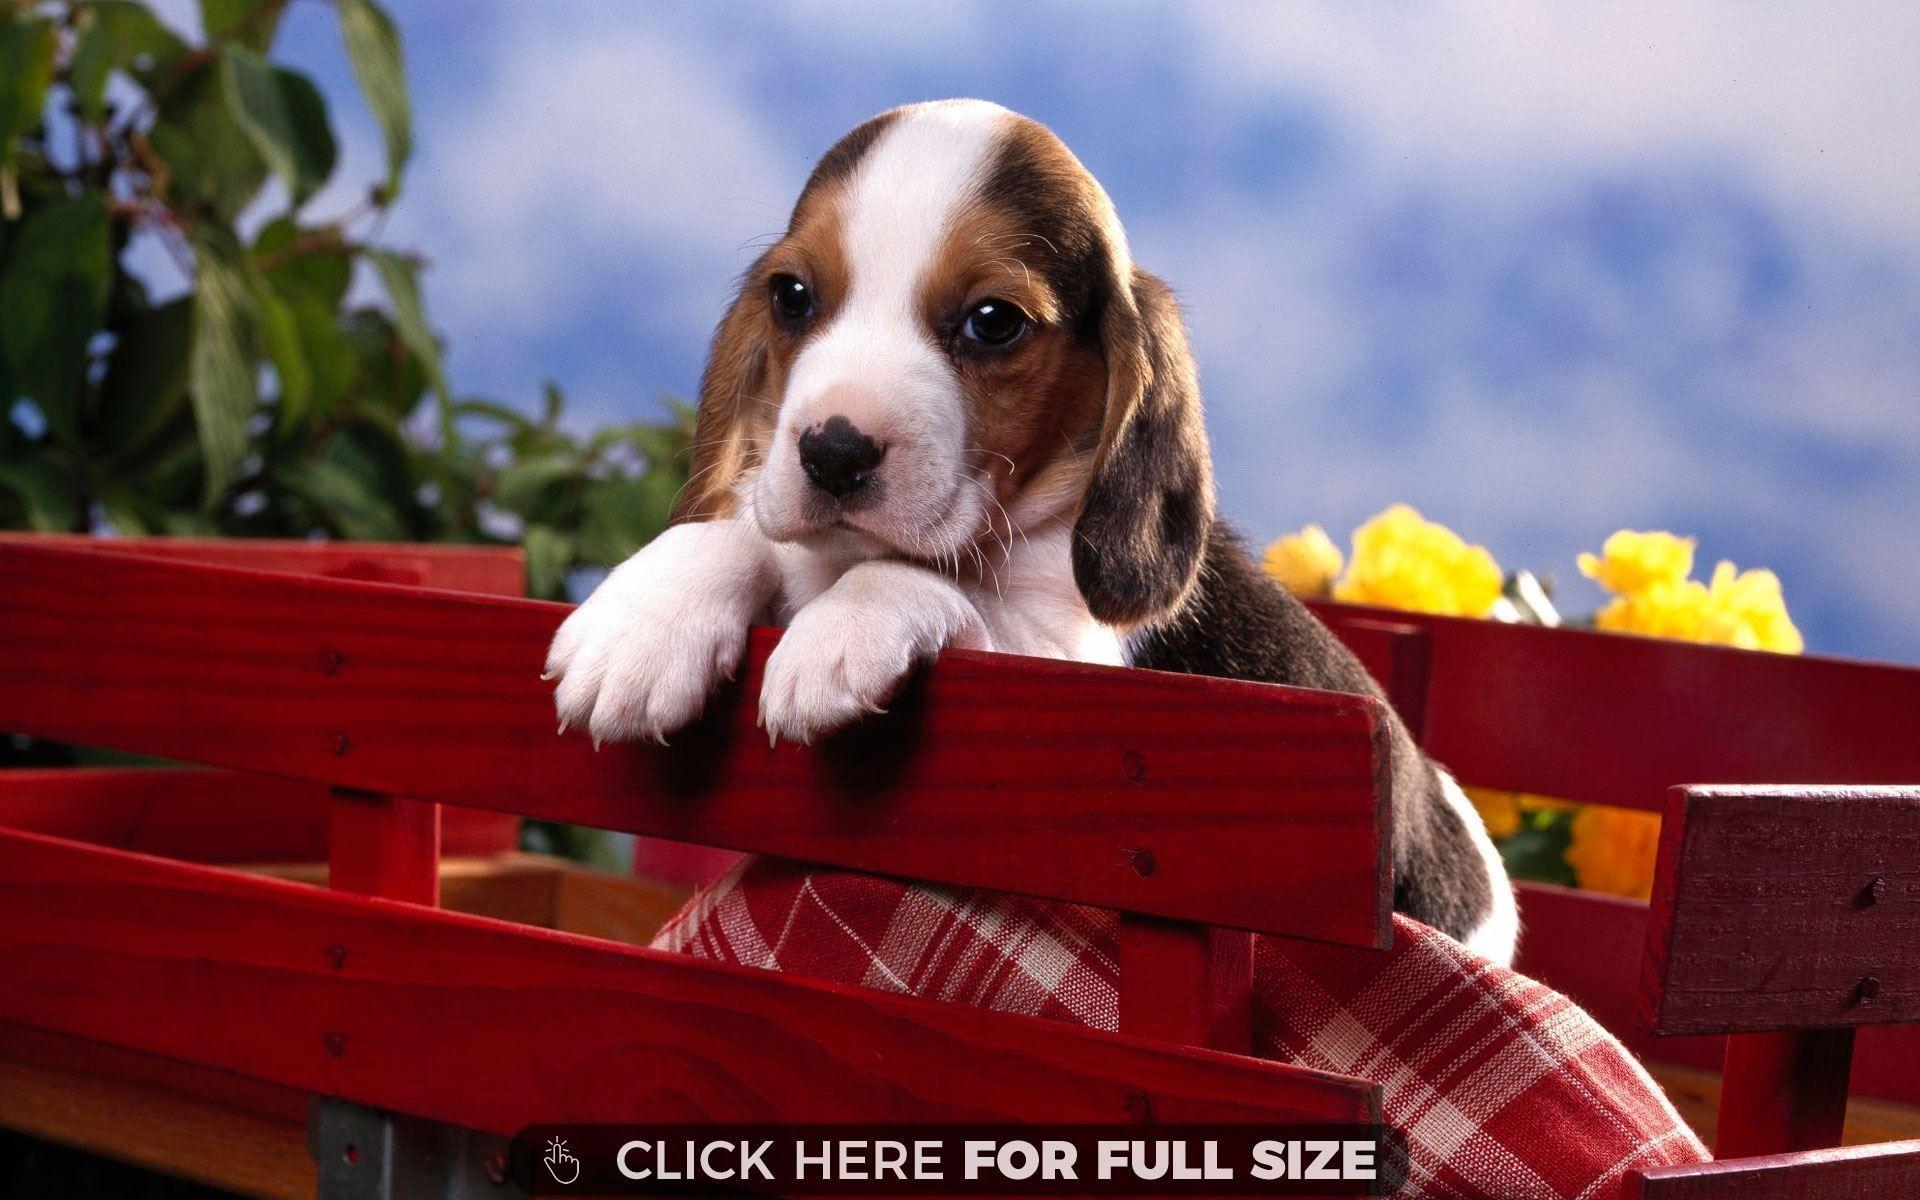 Beagle Pupp Beagle Puppy Beagle Puppy Puppy Wallpaper Cute